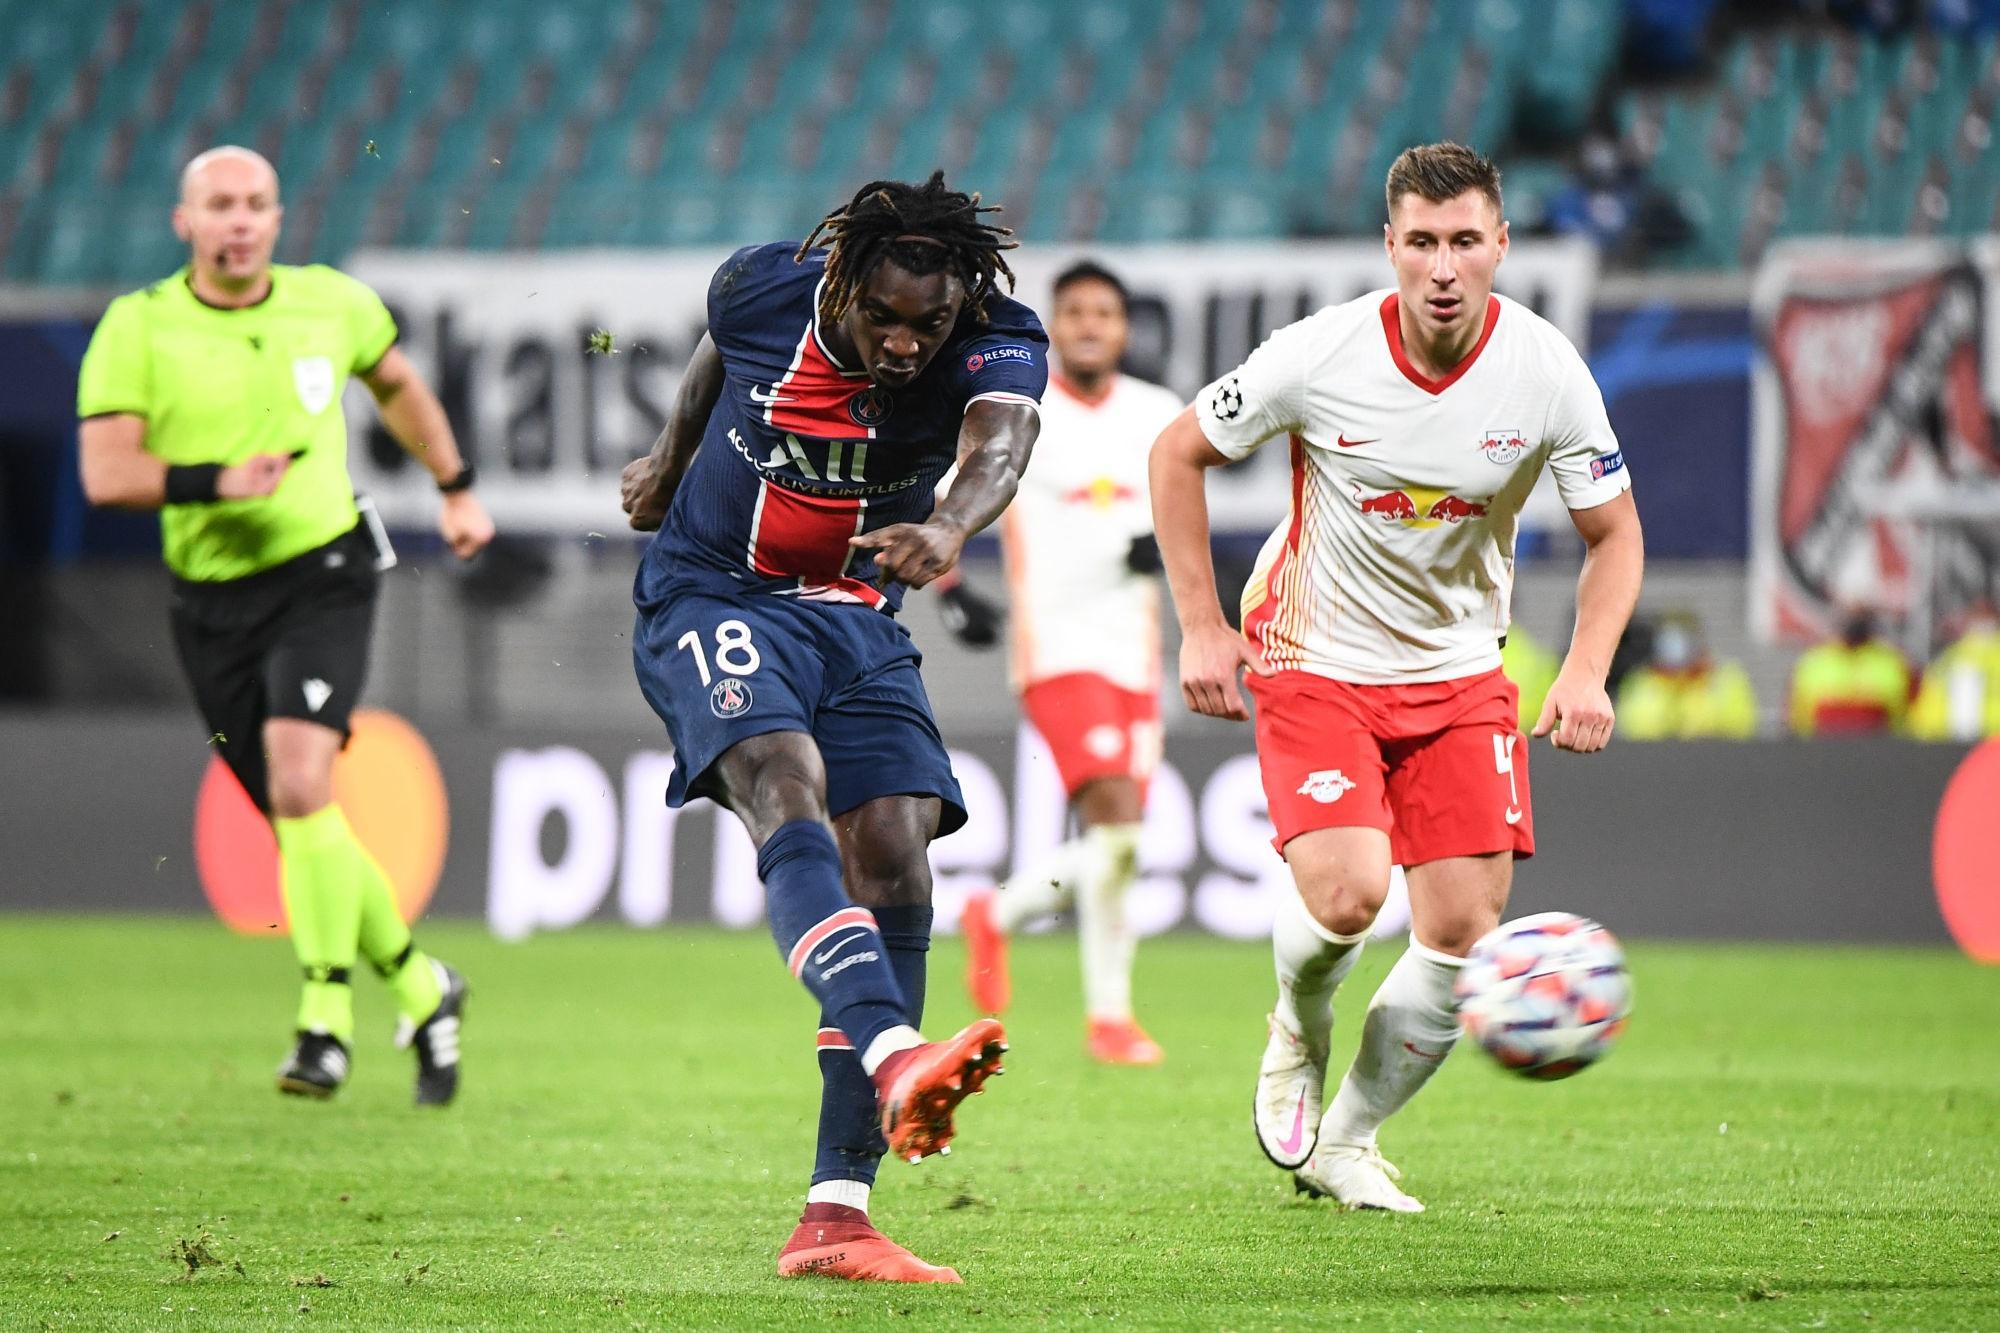 Résumé Leipzig/PSG (2-1) - La vidéo des buts et temps forts du match